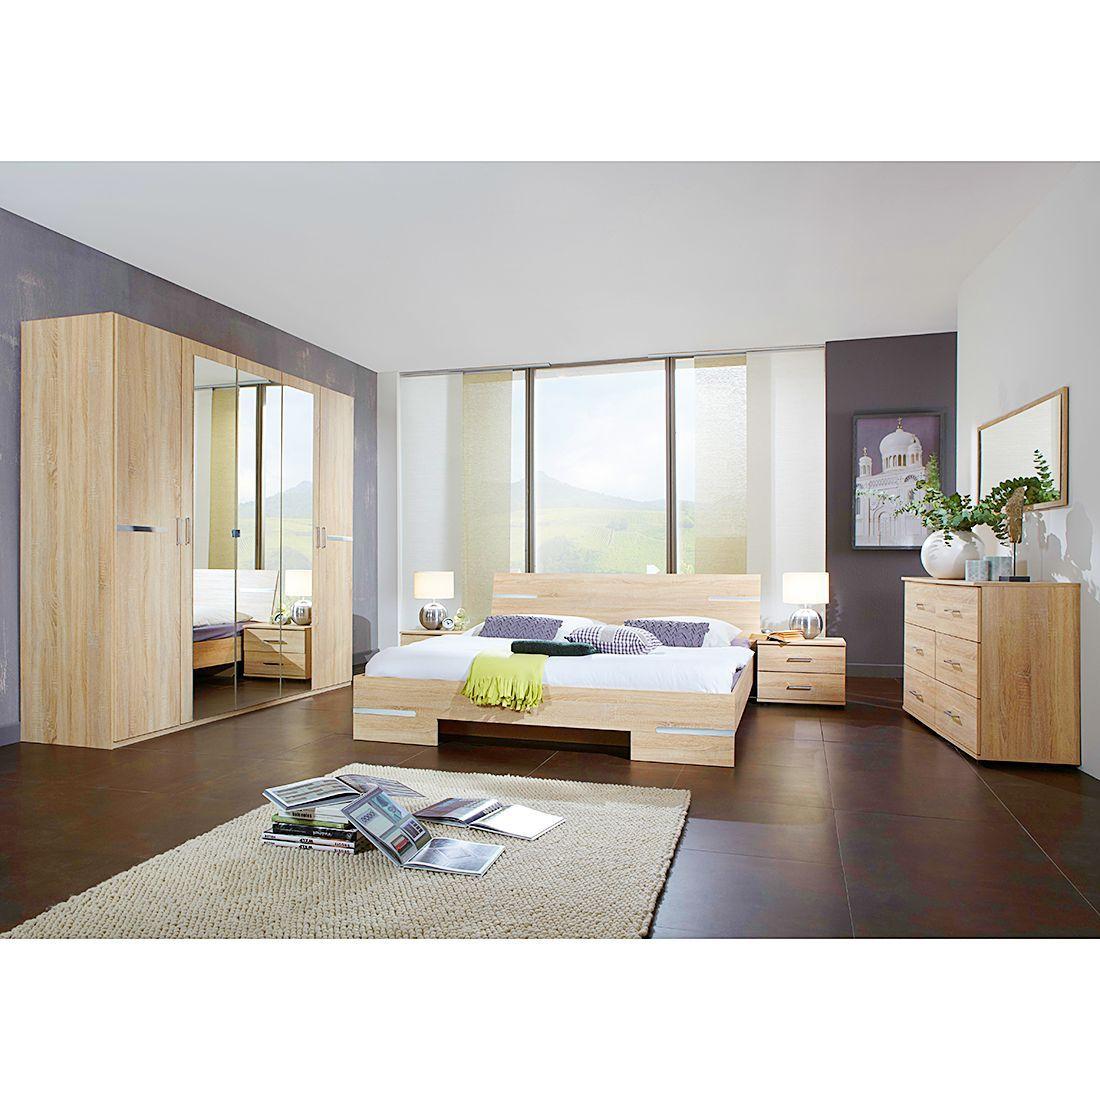 Schlafzimmerset Tulloch (4-teilig) | Schlafzimmersets | Pinterest ...